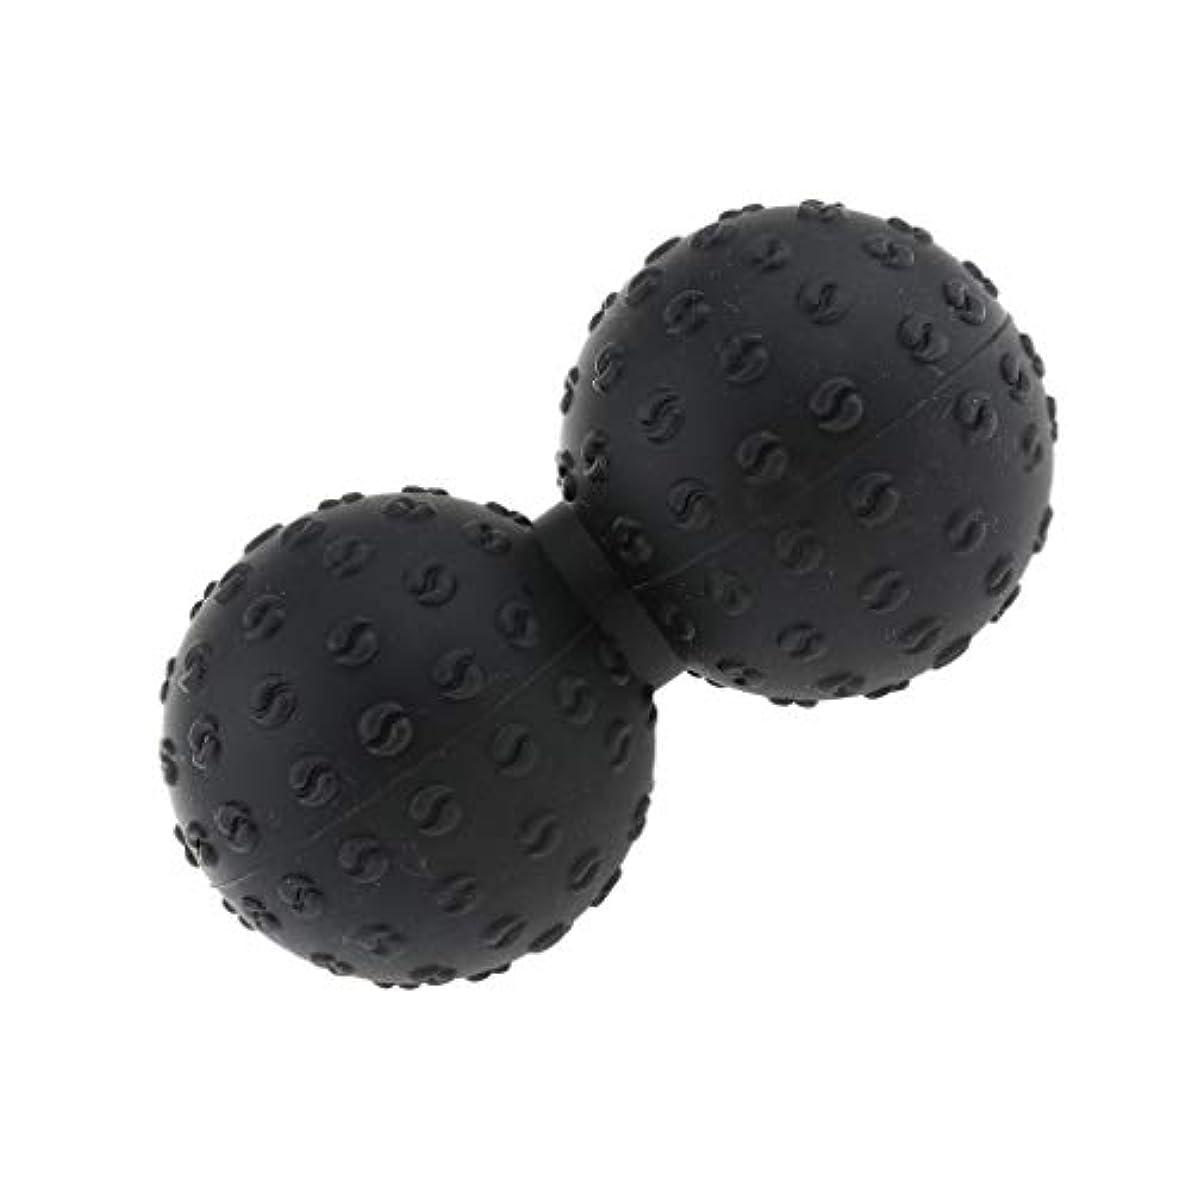 リマ真剣にネクタイCUTICATE マッサージボール 指圧ボール シリコン ピーナッツ トリガーポイント 肩、足、腕など 解消 全6色 - ブラック, 説明のとおり